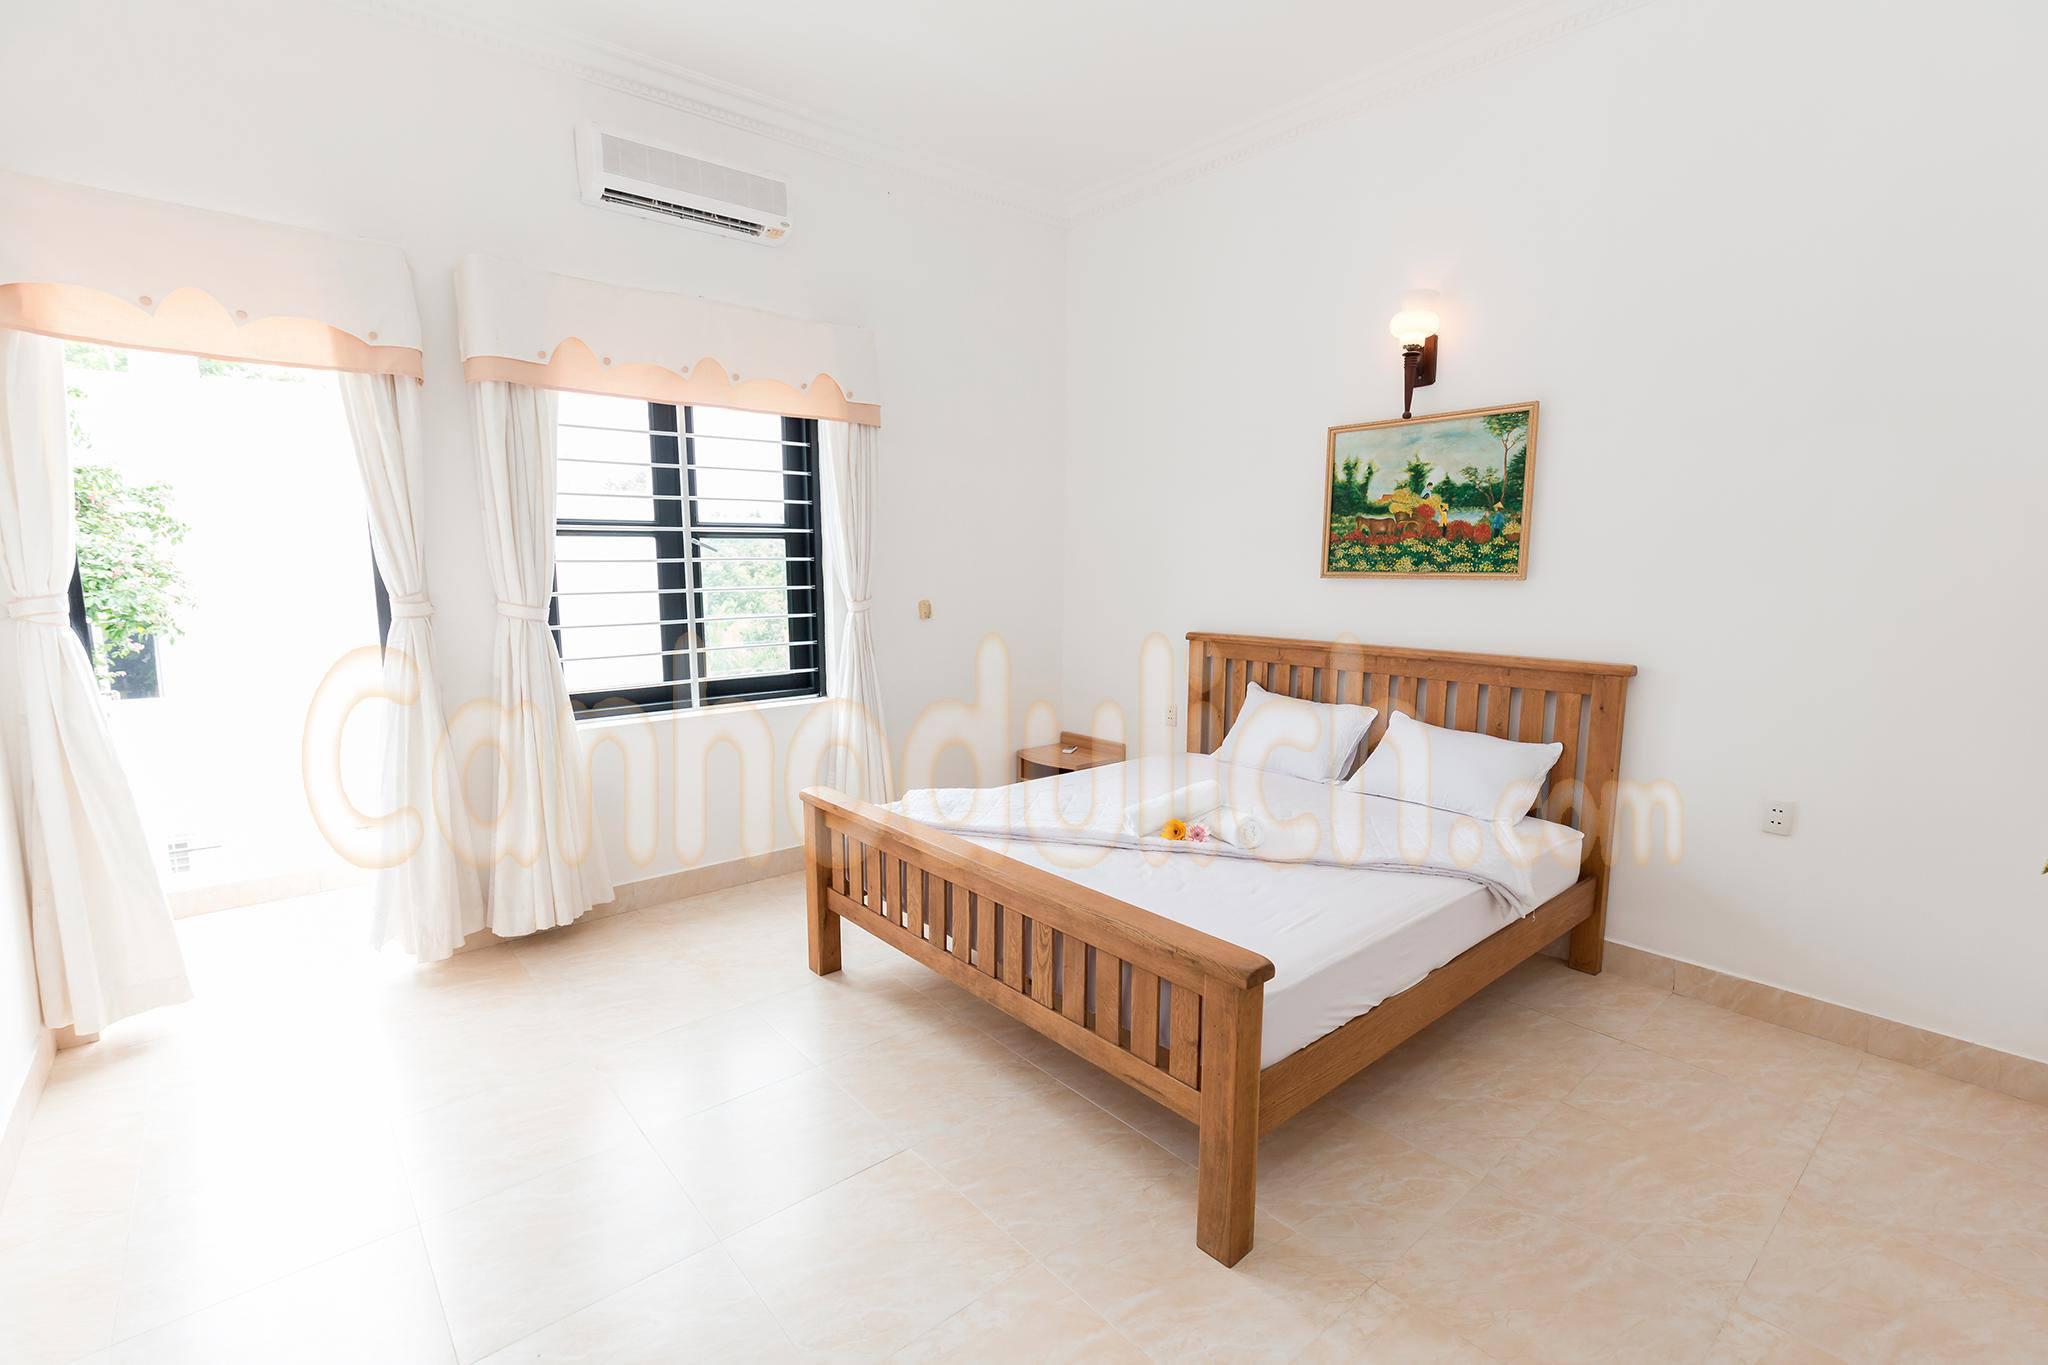 Villa Vũng Tàu Viett-Palm 9 Đồi Ngọc Tước